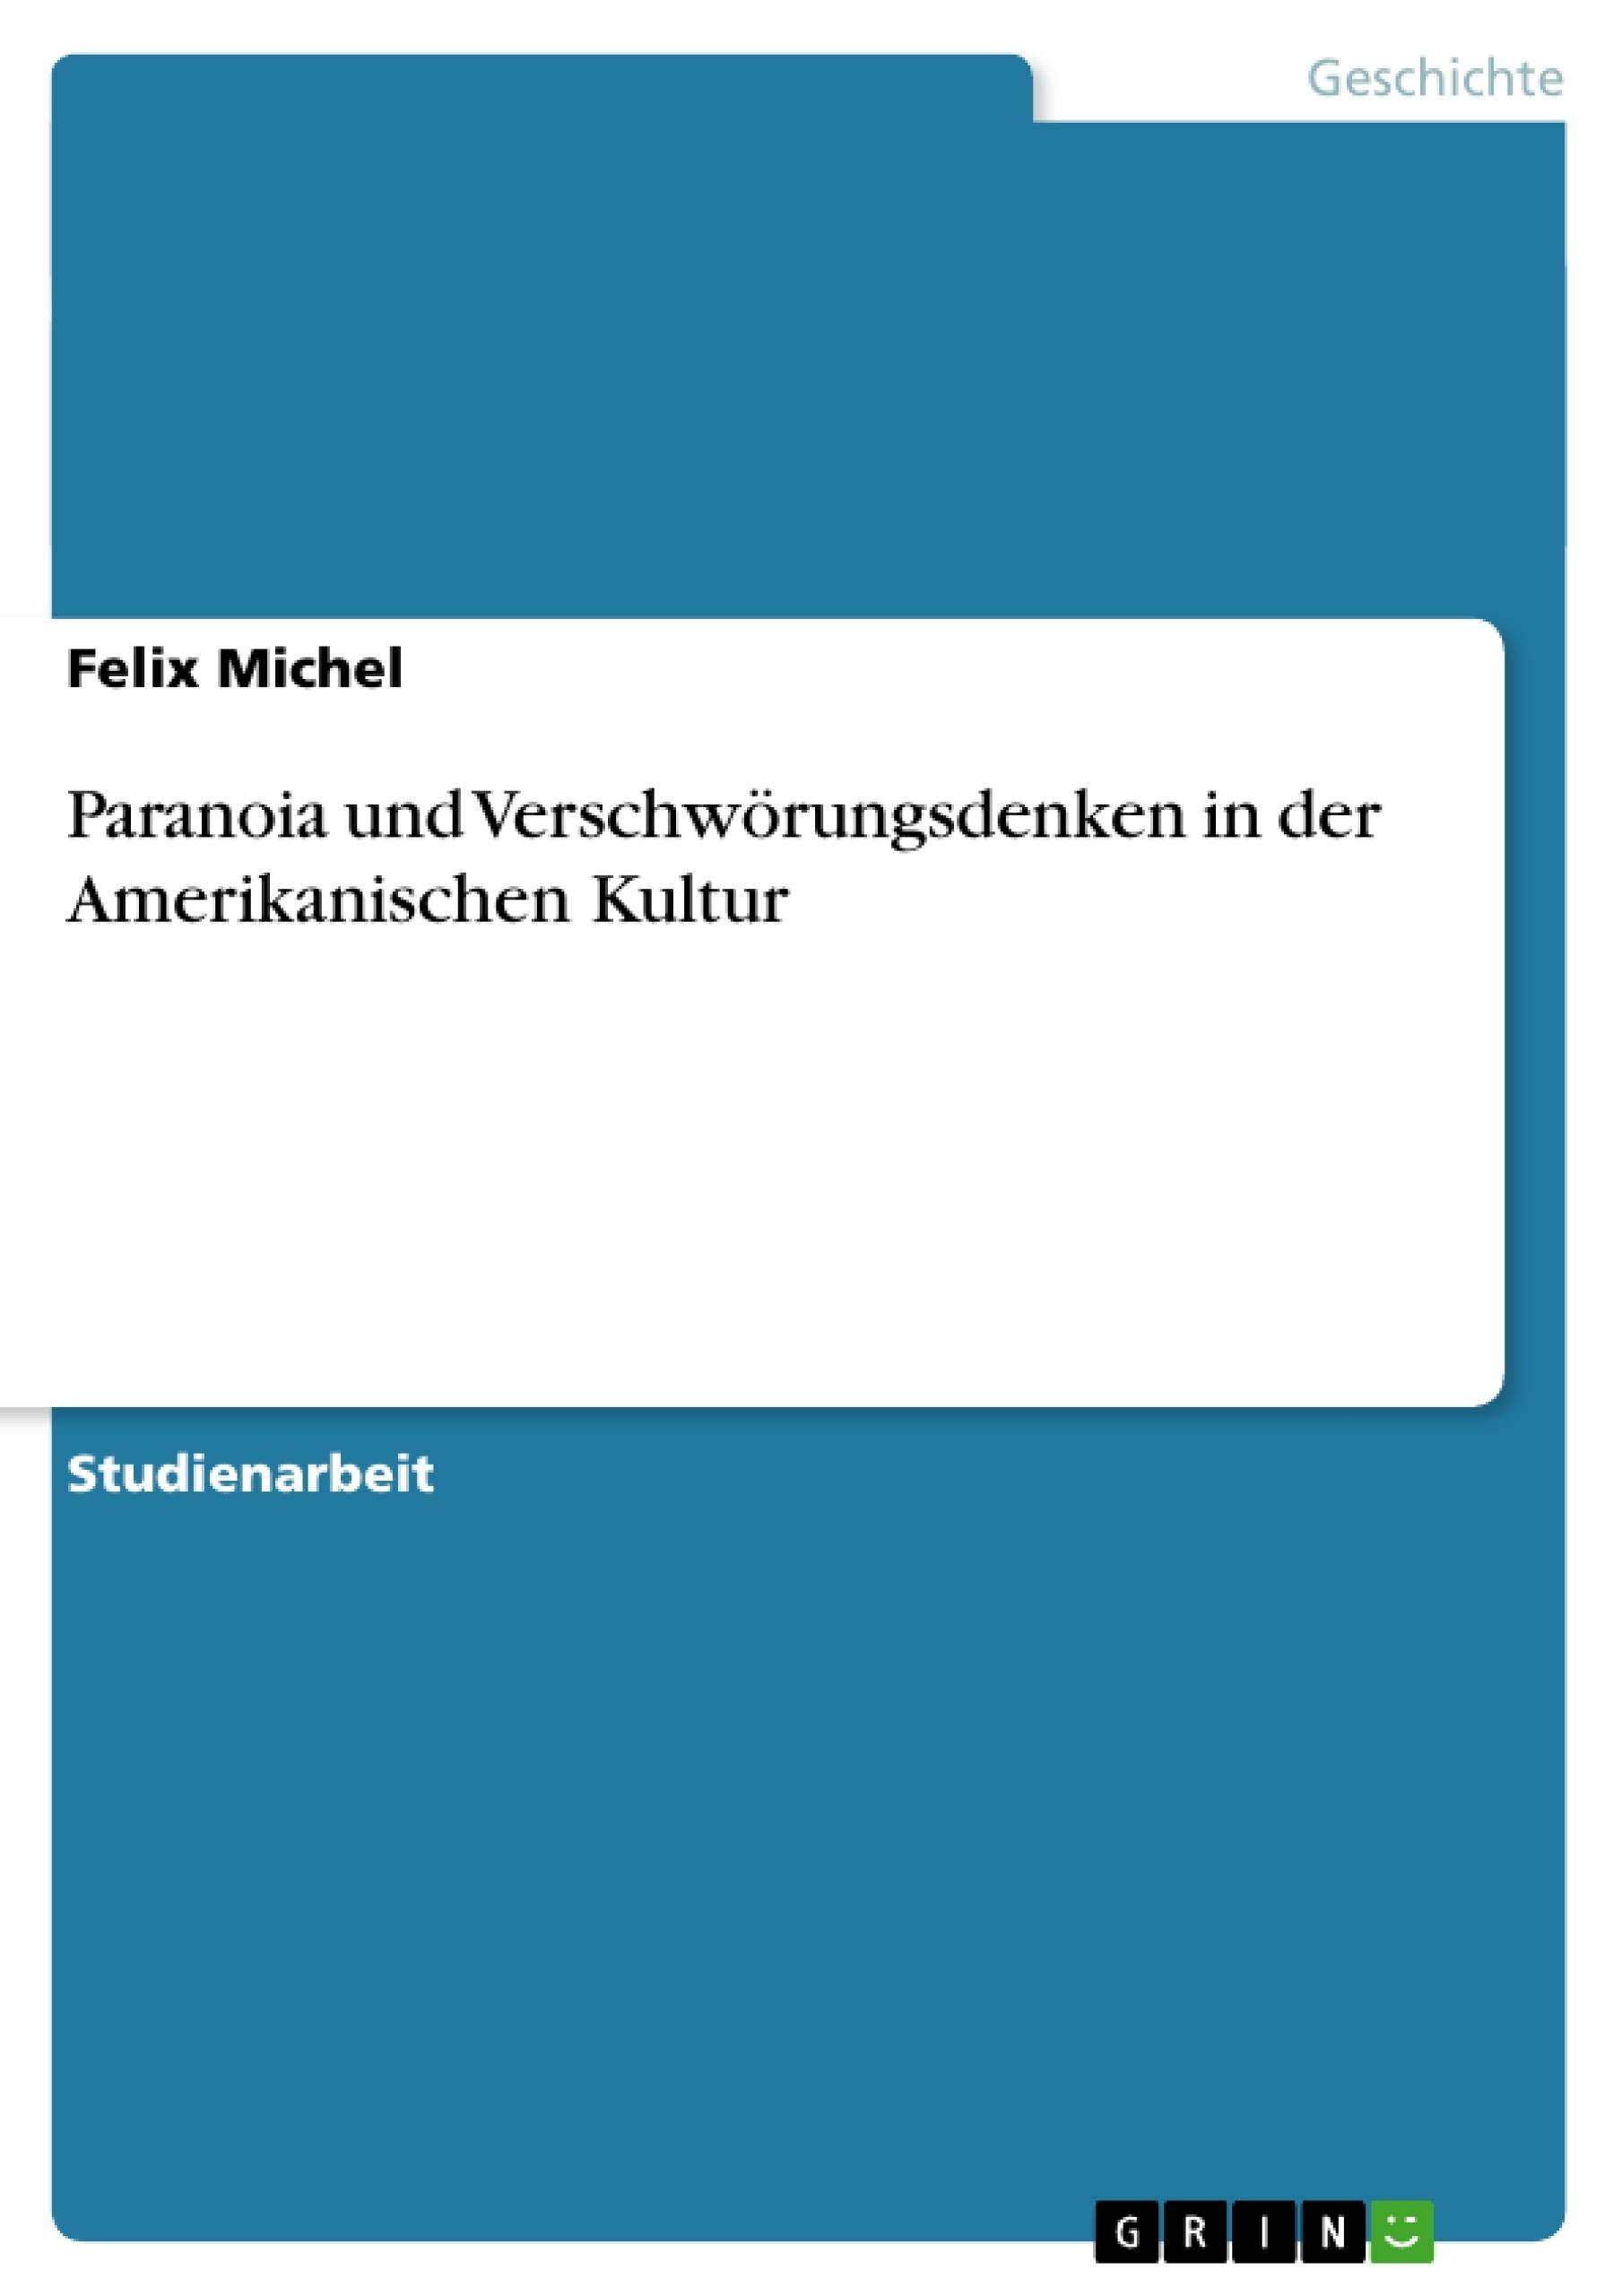 Titel: Paranoia und Verschwörungsdenken in der Amerikanischen Kultur